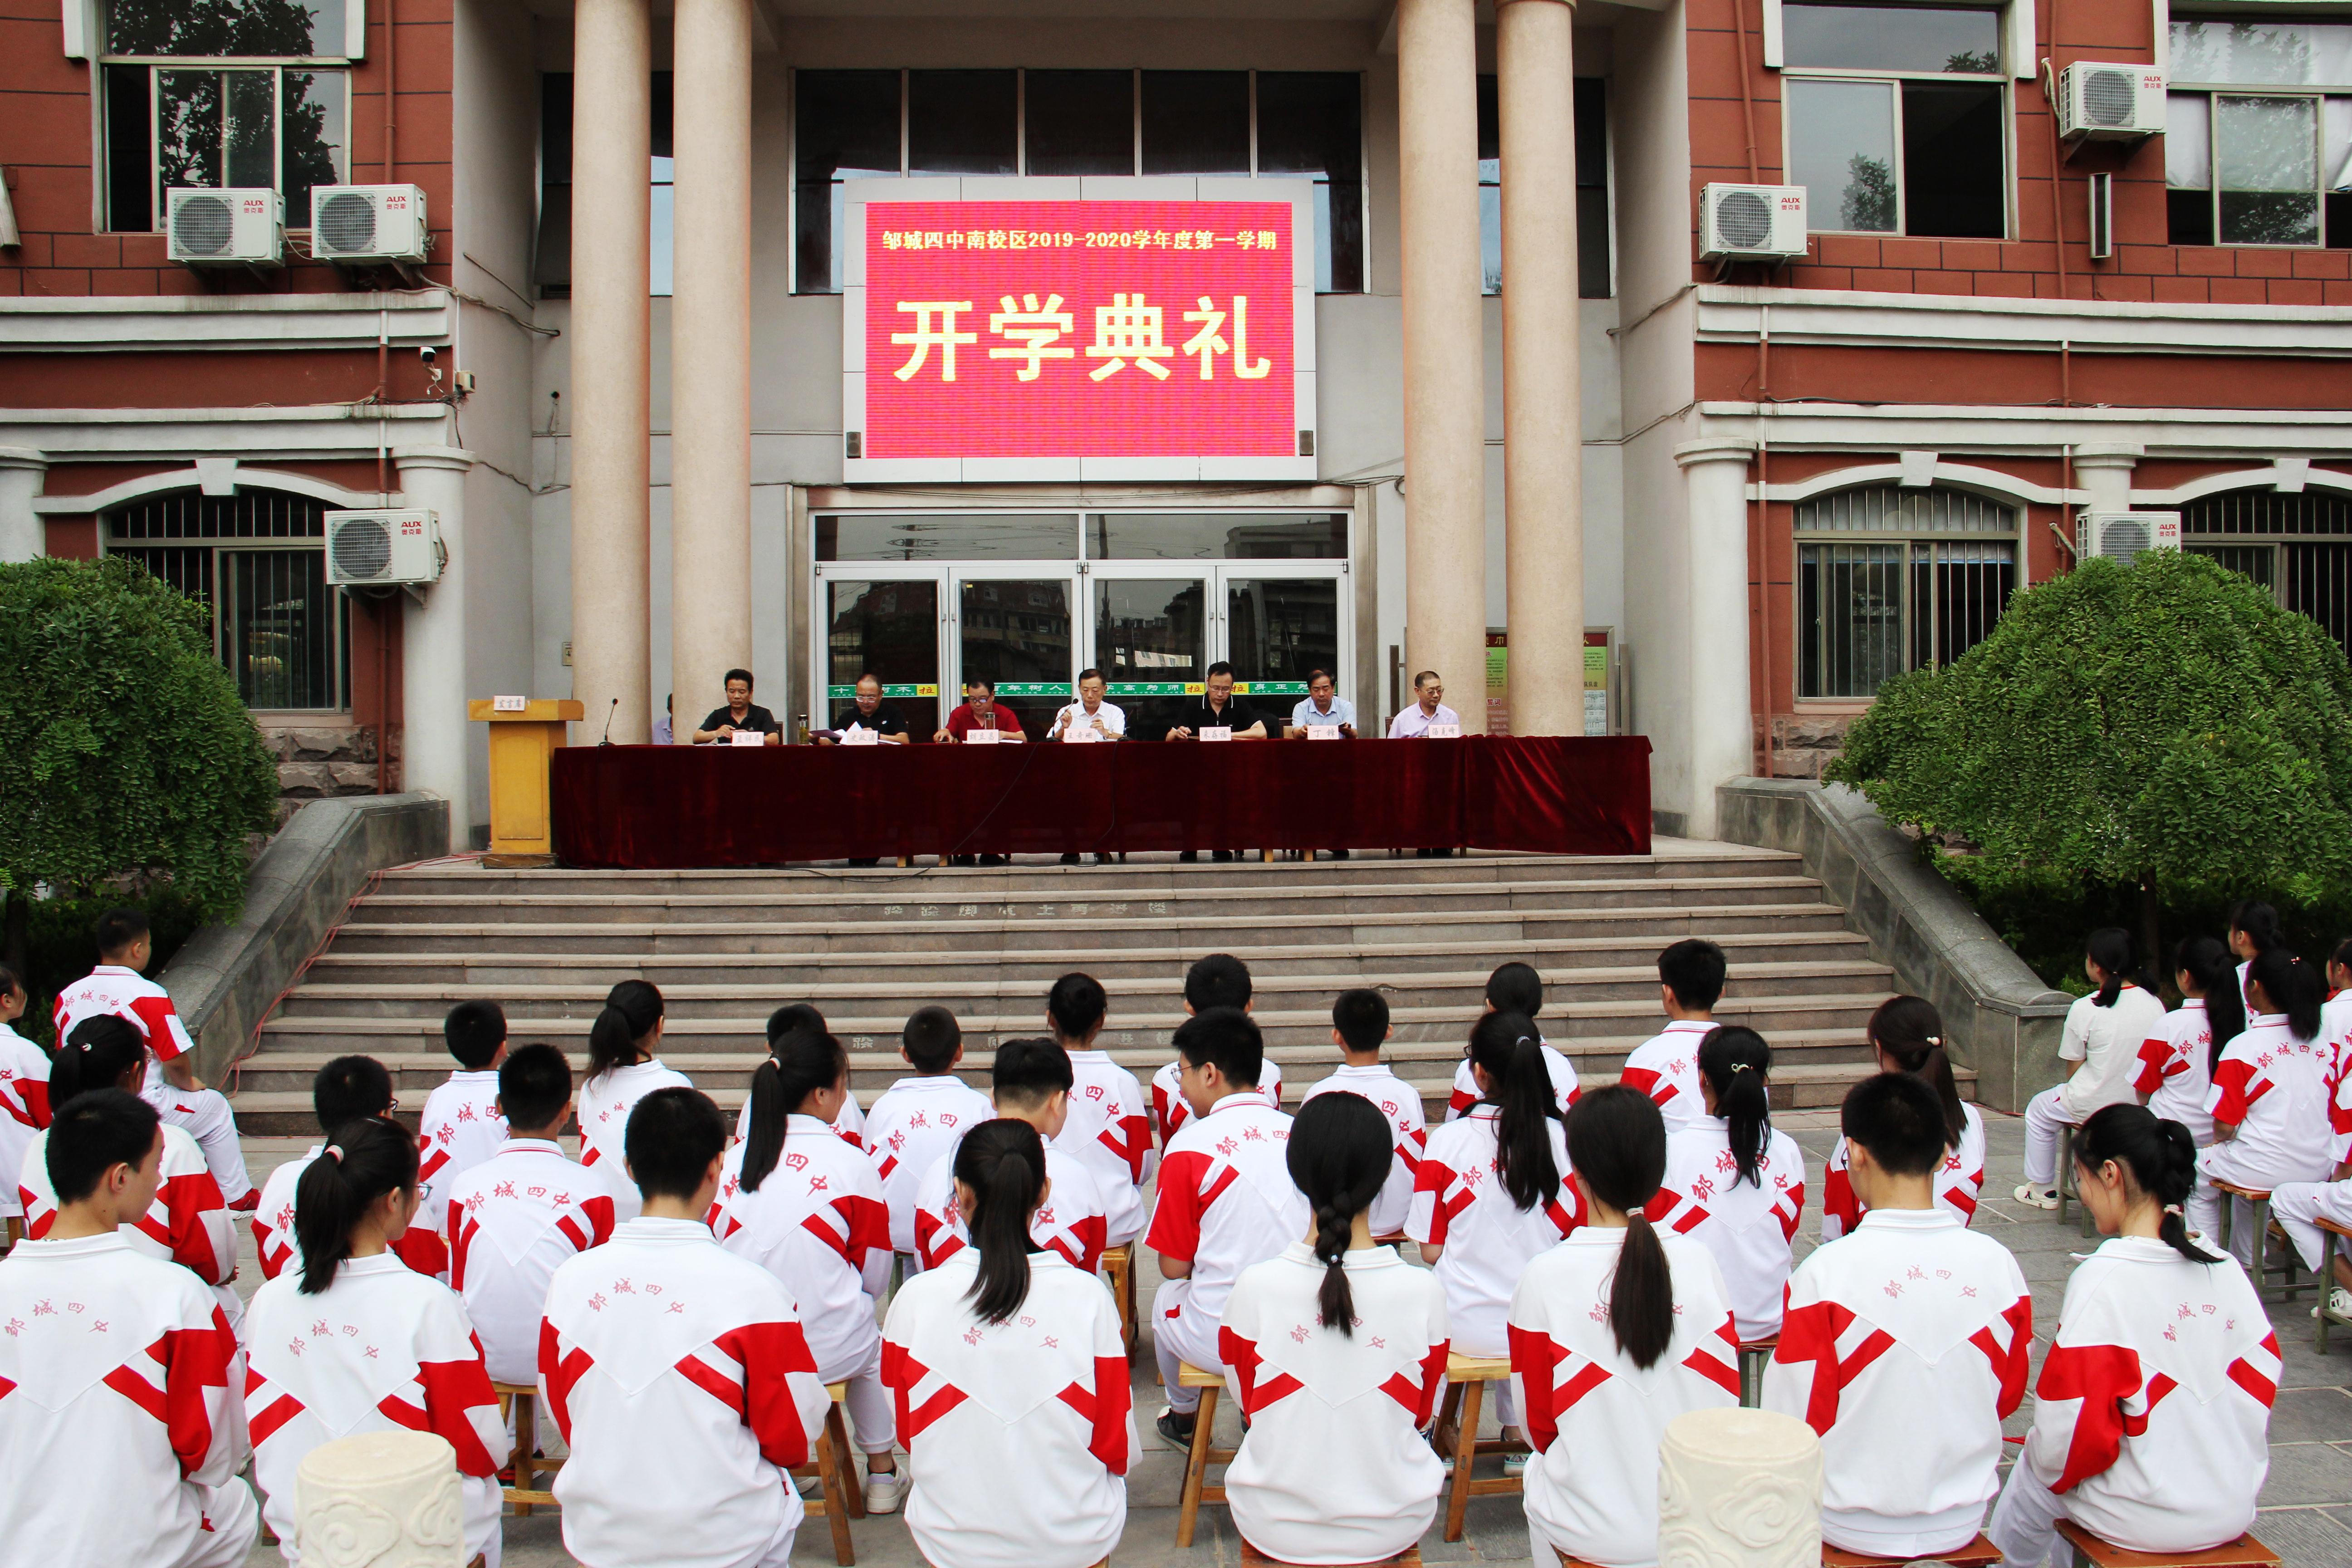 济宁市邹城四中南校区举行2019-2020学年秋季开学典礼活动